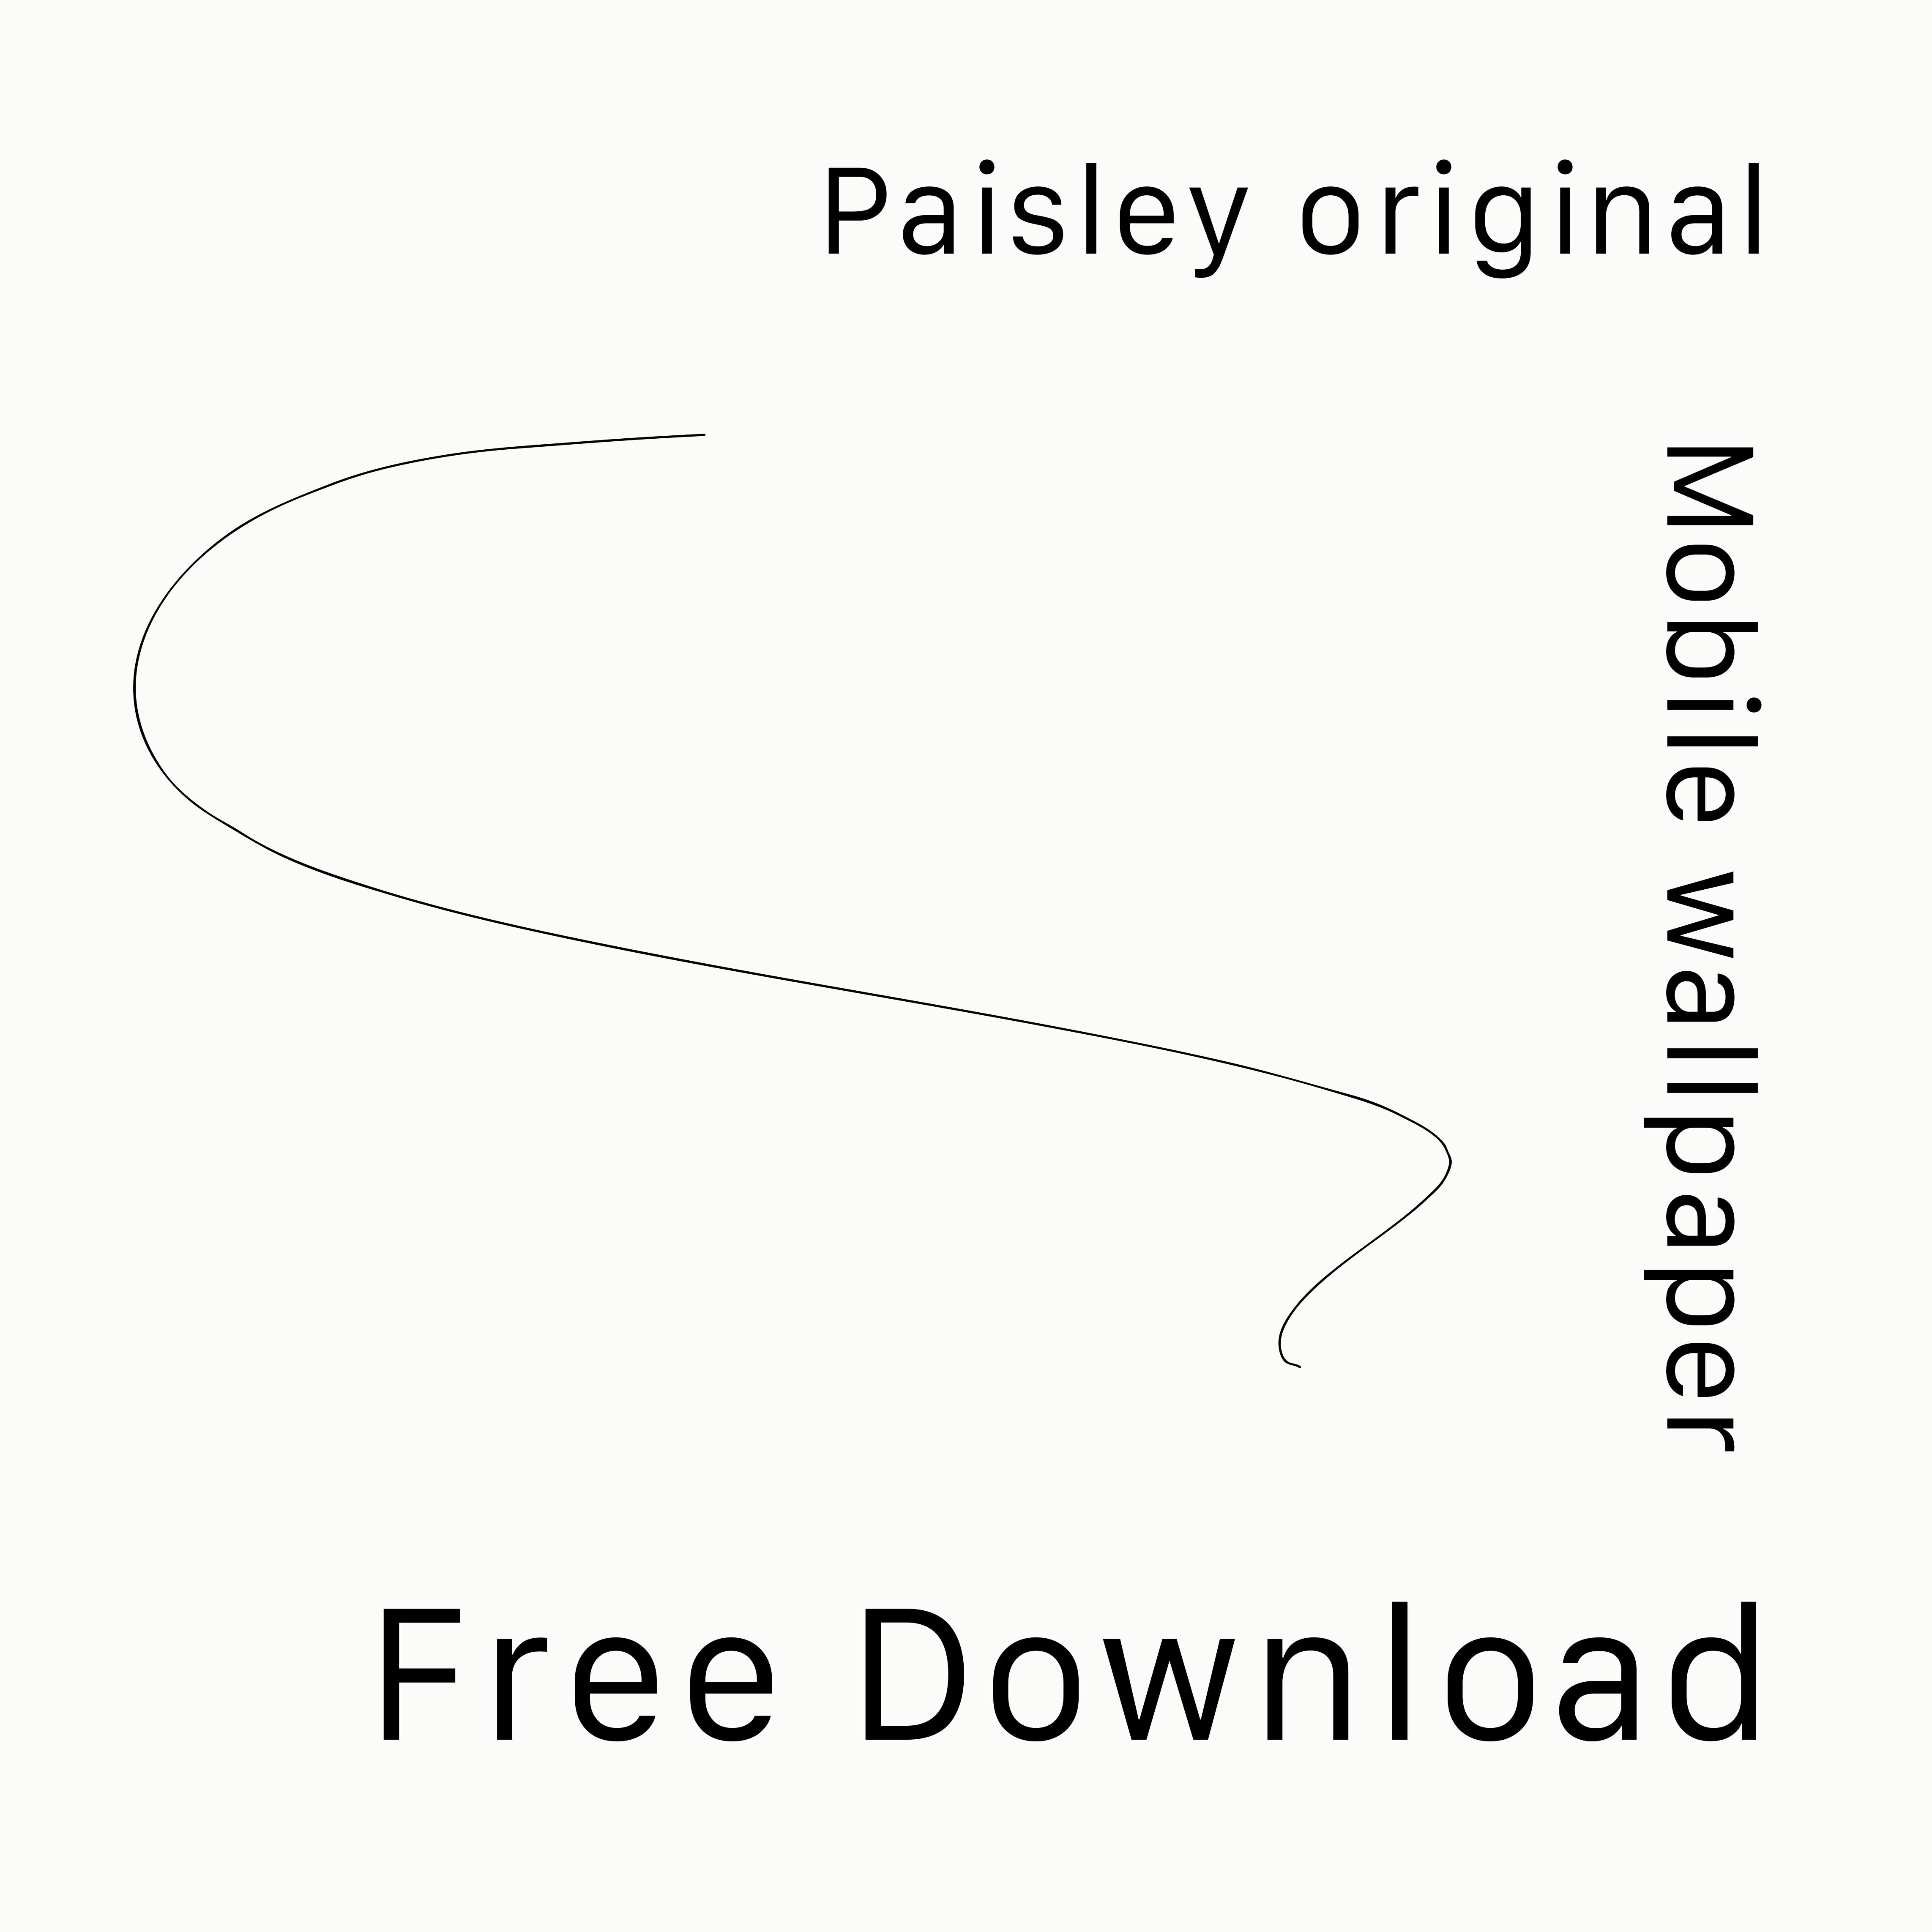 Paisley original Mobile wallpaper Free Download.